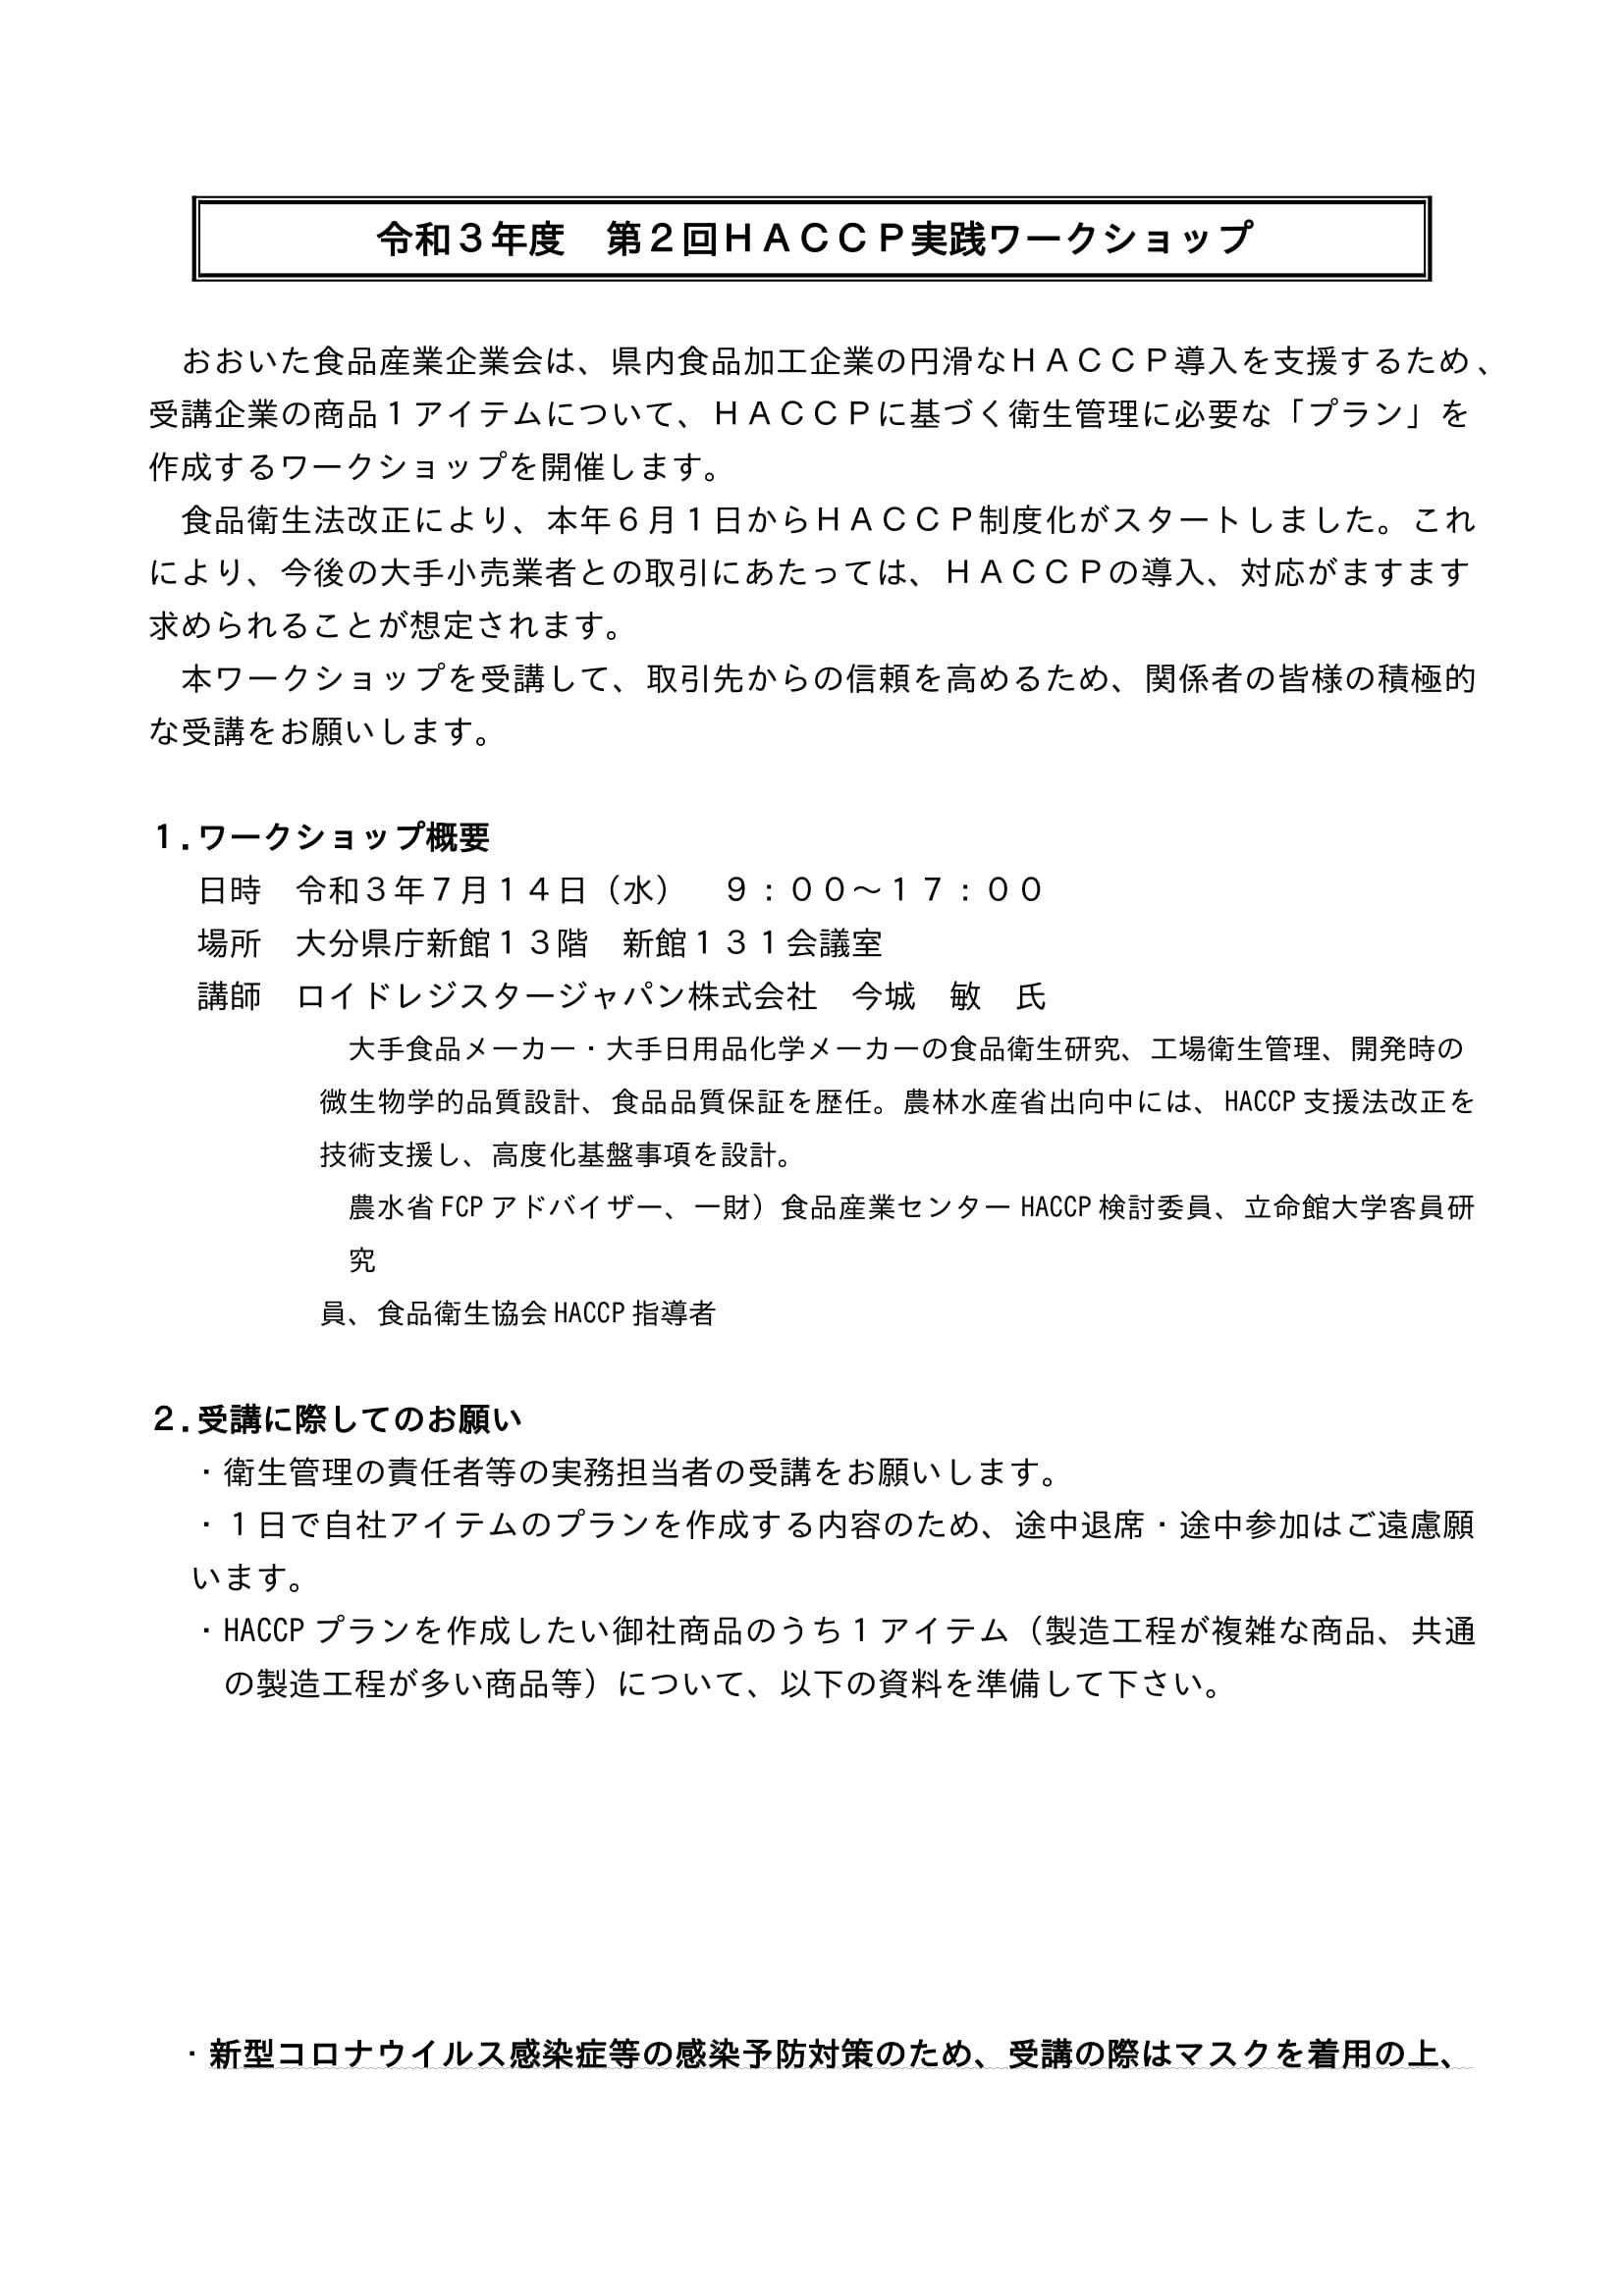 【おおいた食品産業企業会】(714)第2回HACCP実践ワークショップ参加募集!1(〆切 7/2)